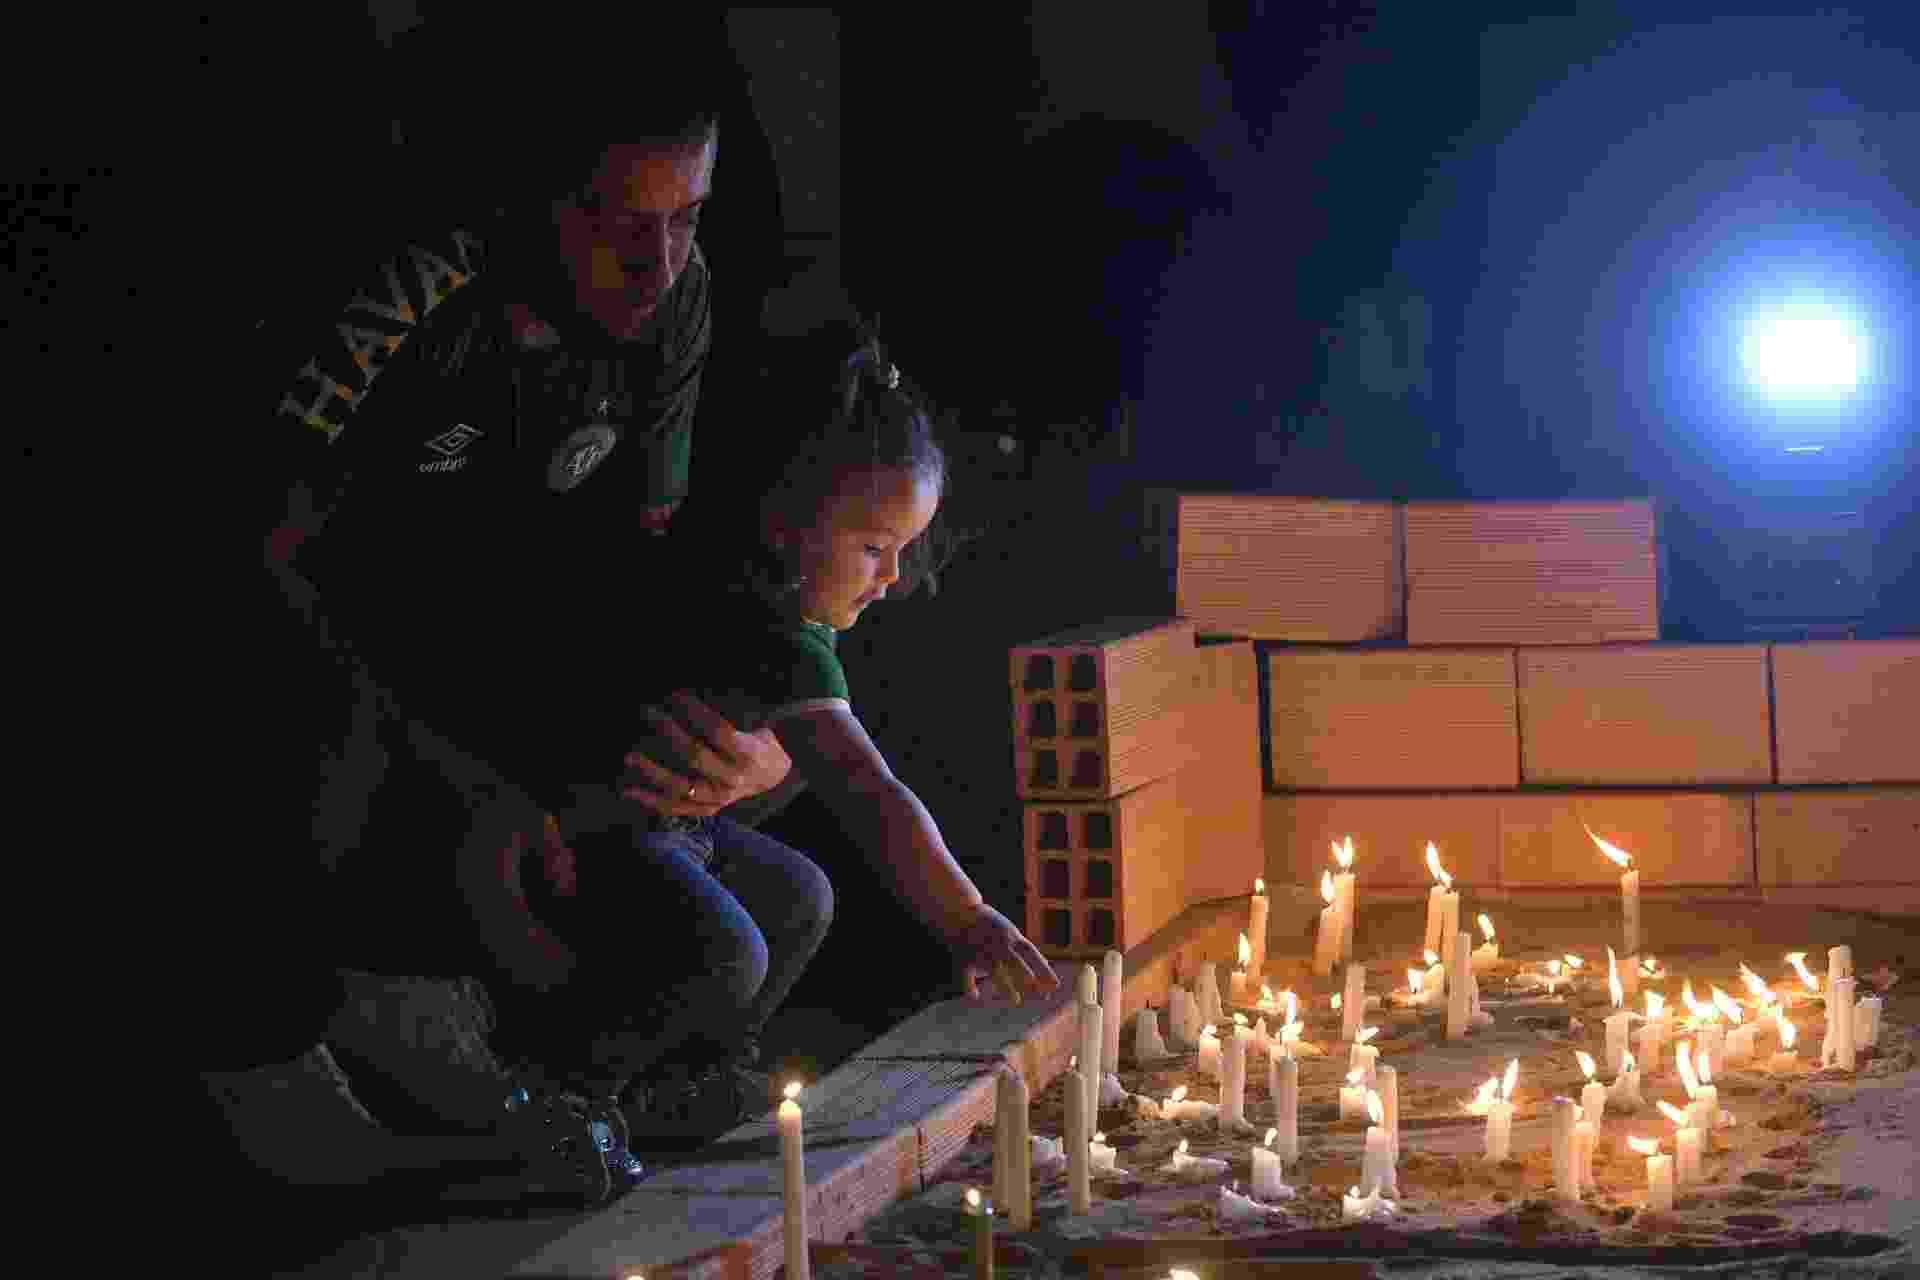 28.nov.2017 - Homenagens na Arena Condá, em Chapecó (SC), às vítimas e aos sobreviventes do acidente aéreo que dizimou a maior parte do time da Chapecoense, entre os dias 28 e 29 de novembro de 2016 - Nelson Almeida/AFP